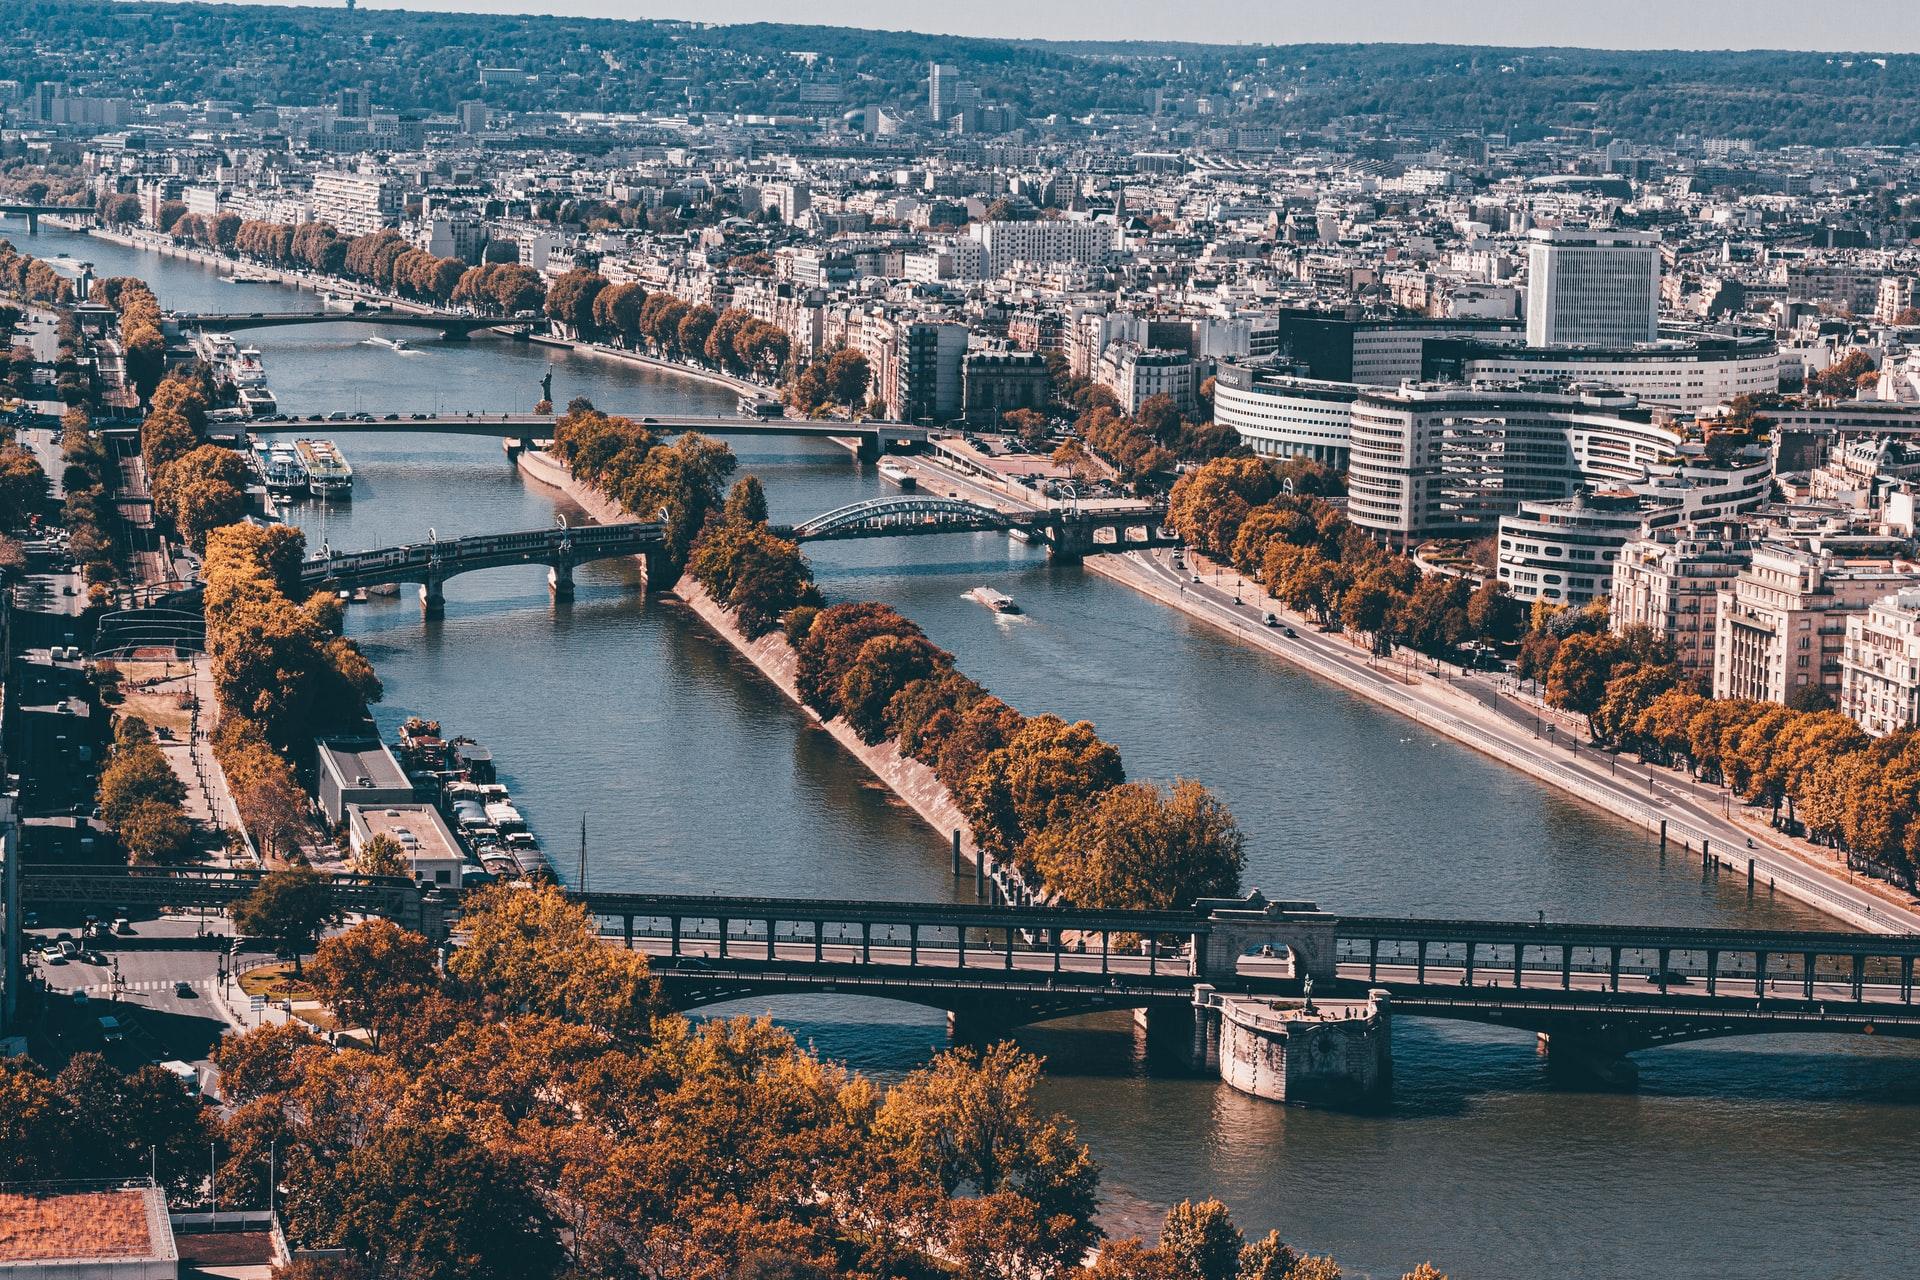 Île_aux_Cygnes,_Paris_balade nature arbres végétation